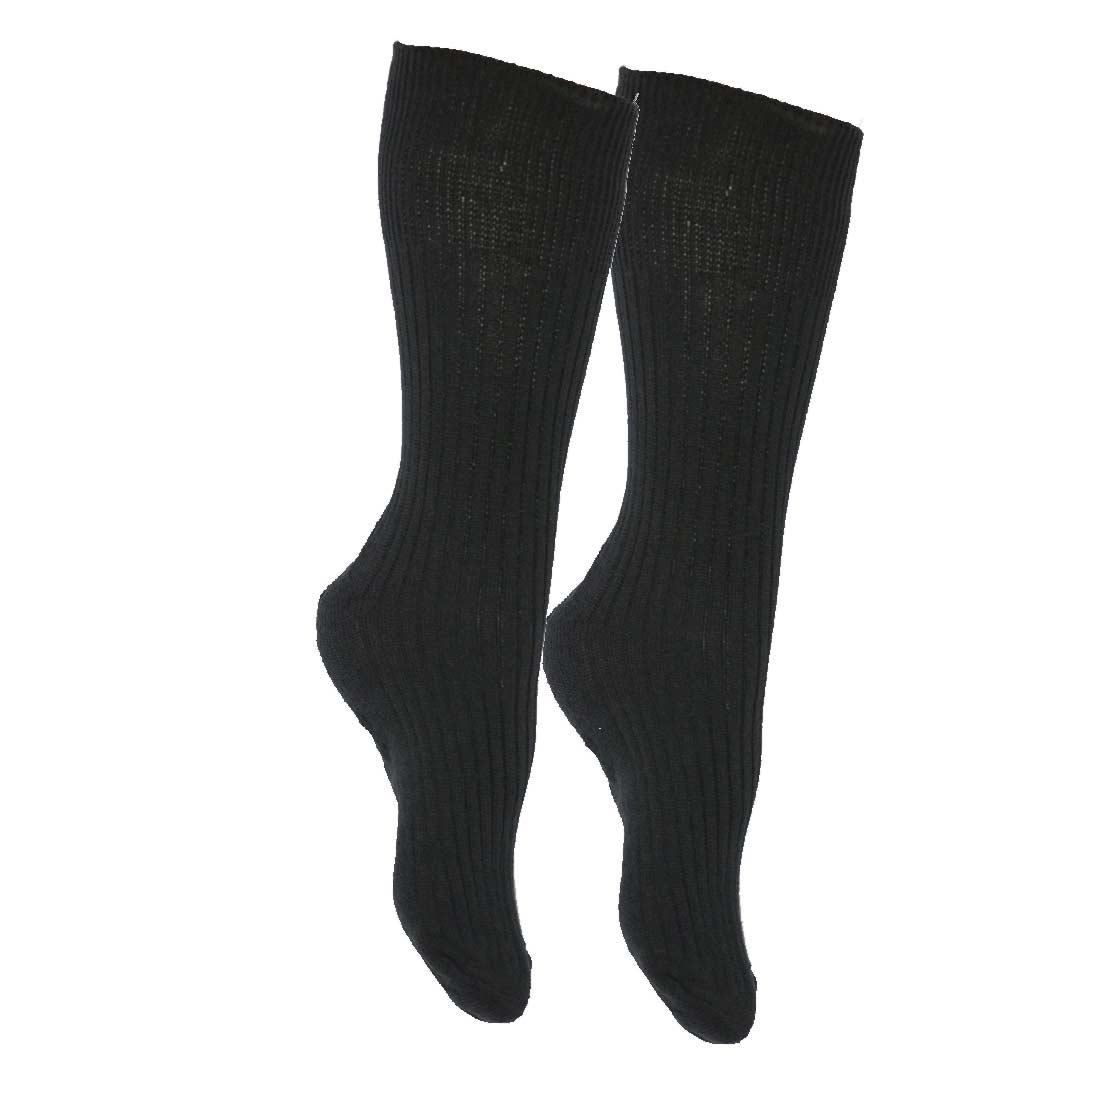 Μάλλινες κάλτσες unisex σε διάφορα χρώματα - PoliSafety 347a1052092